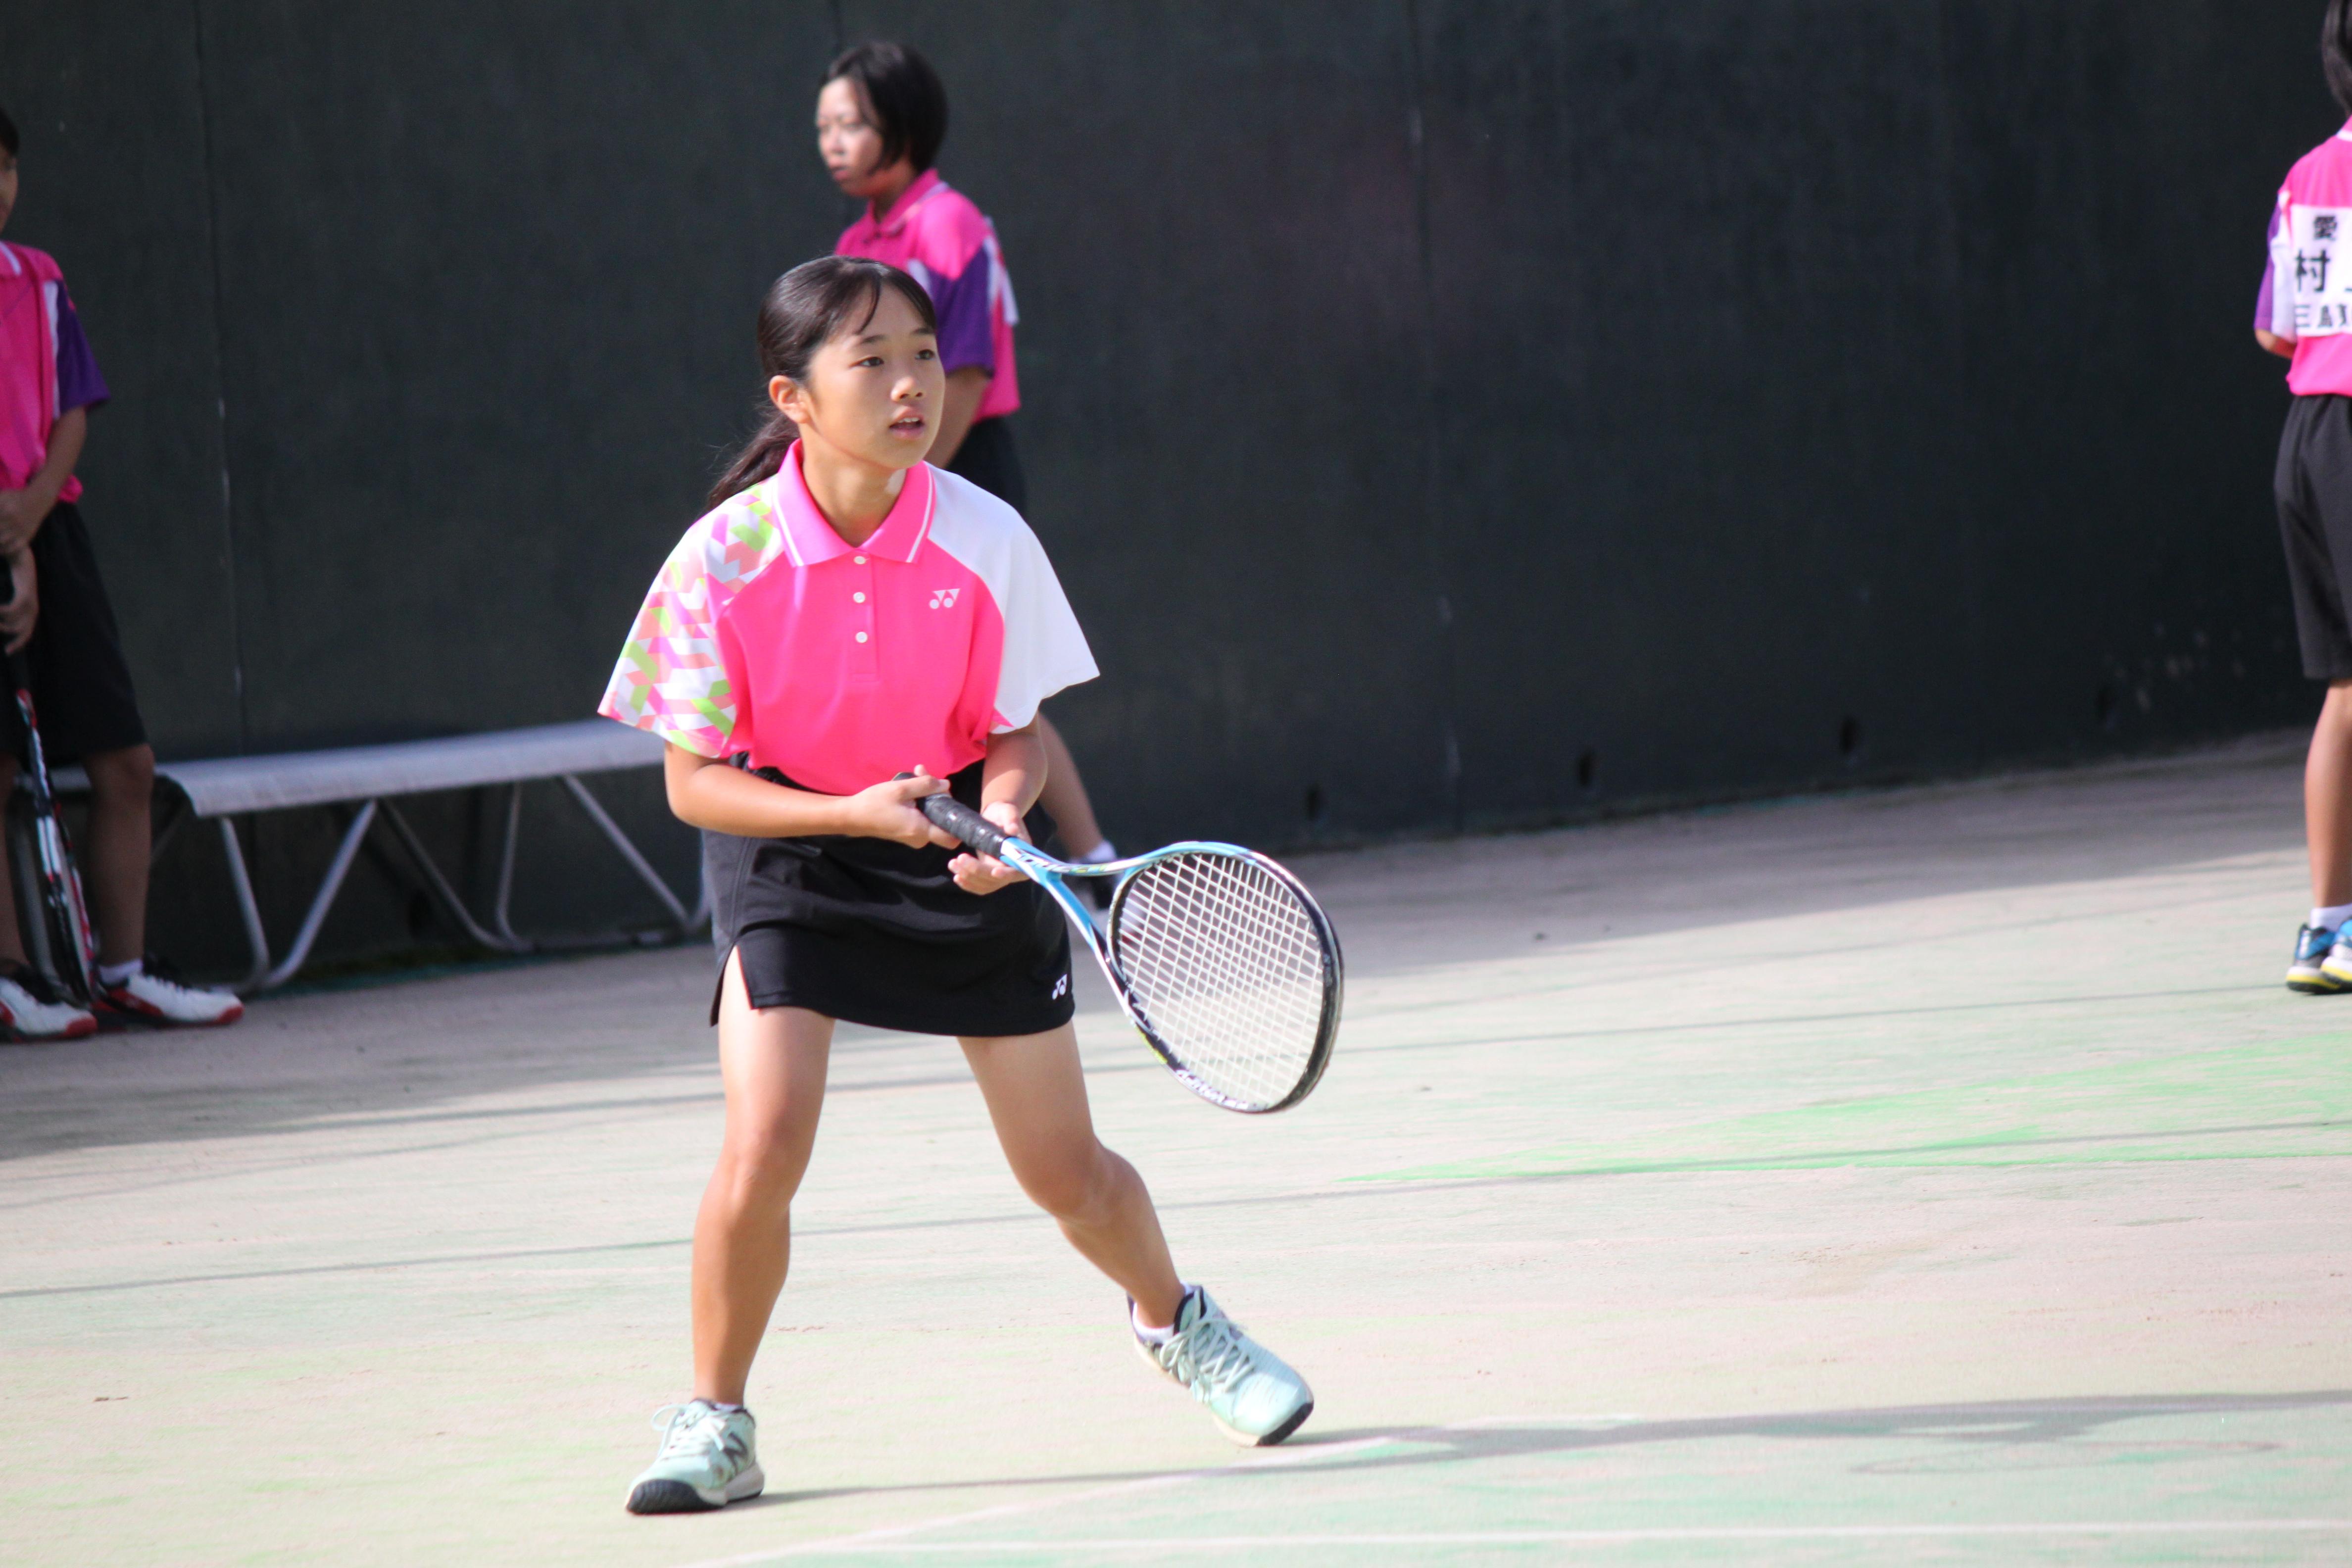 ソフトテニス (20)